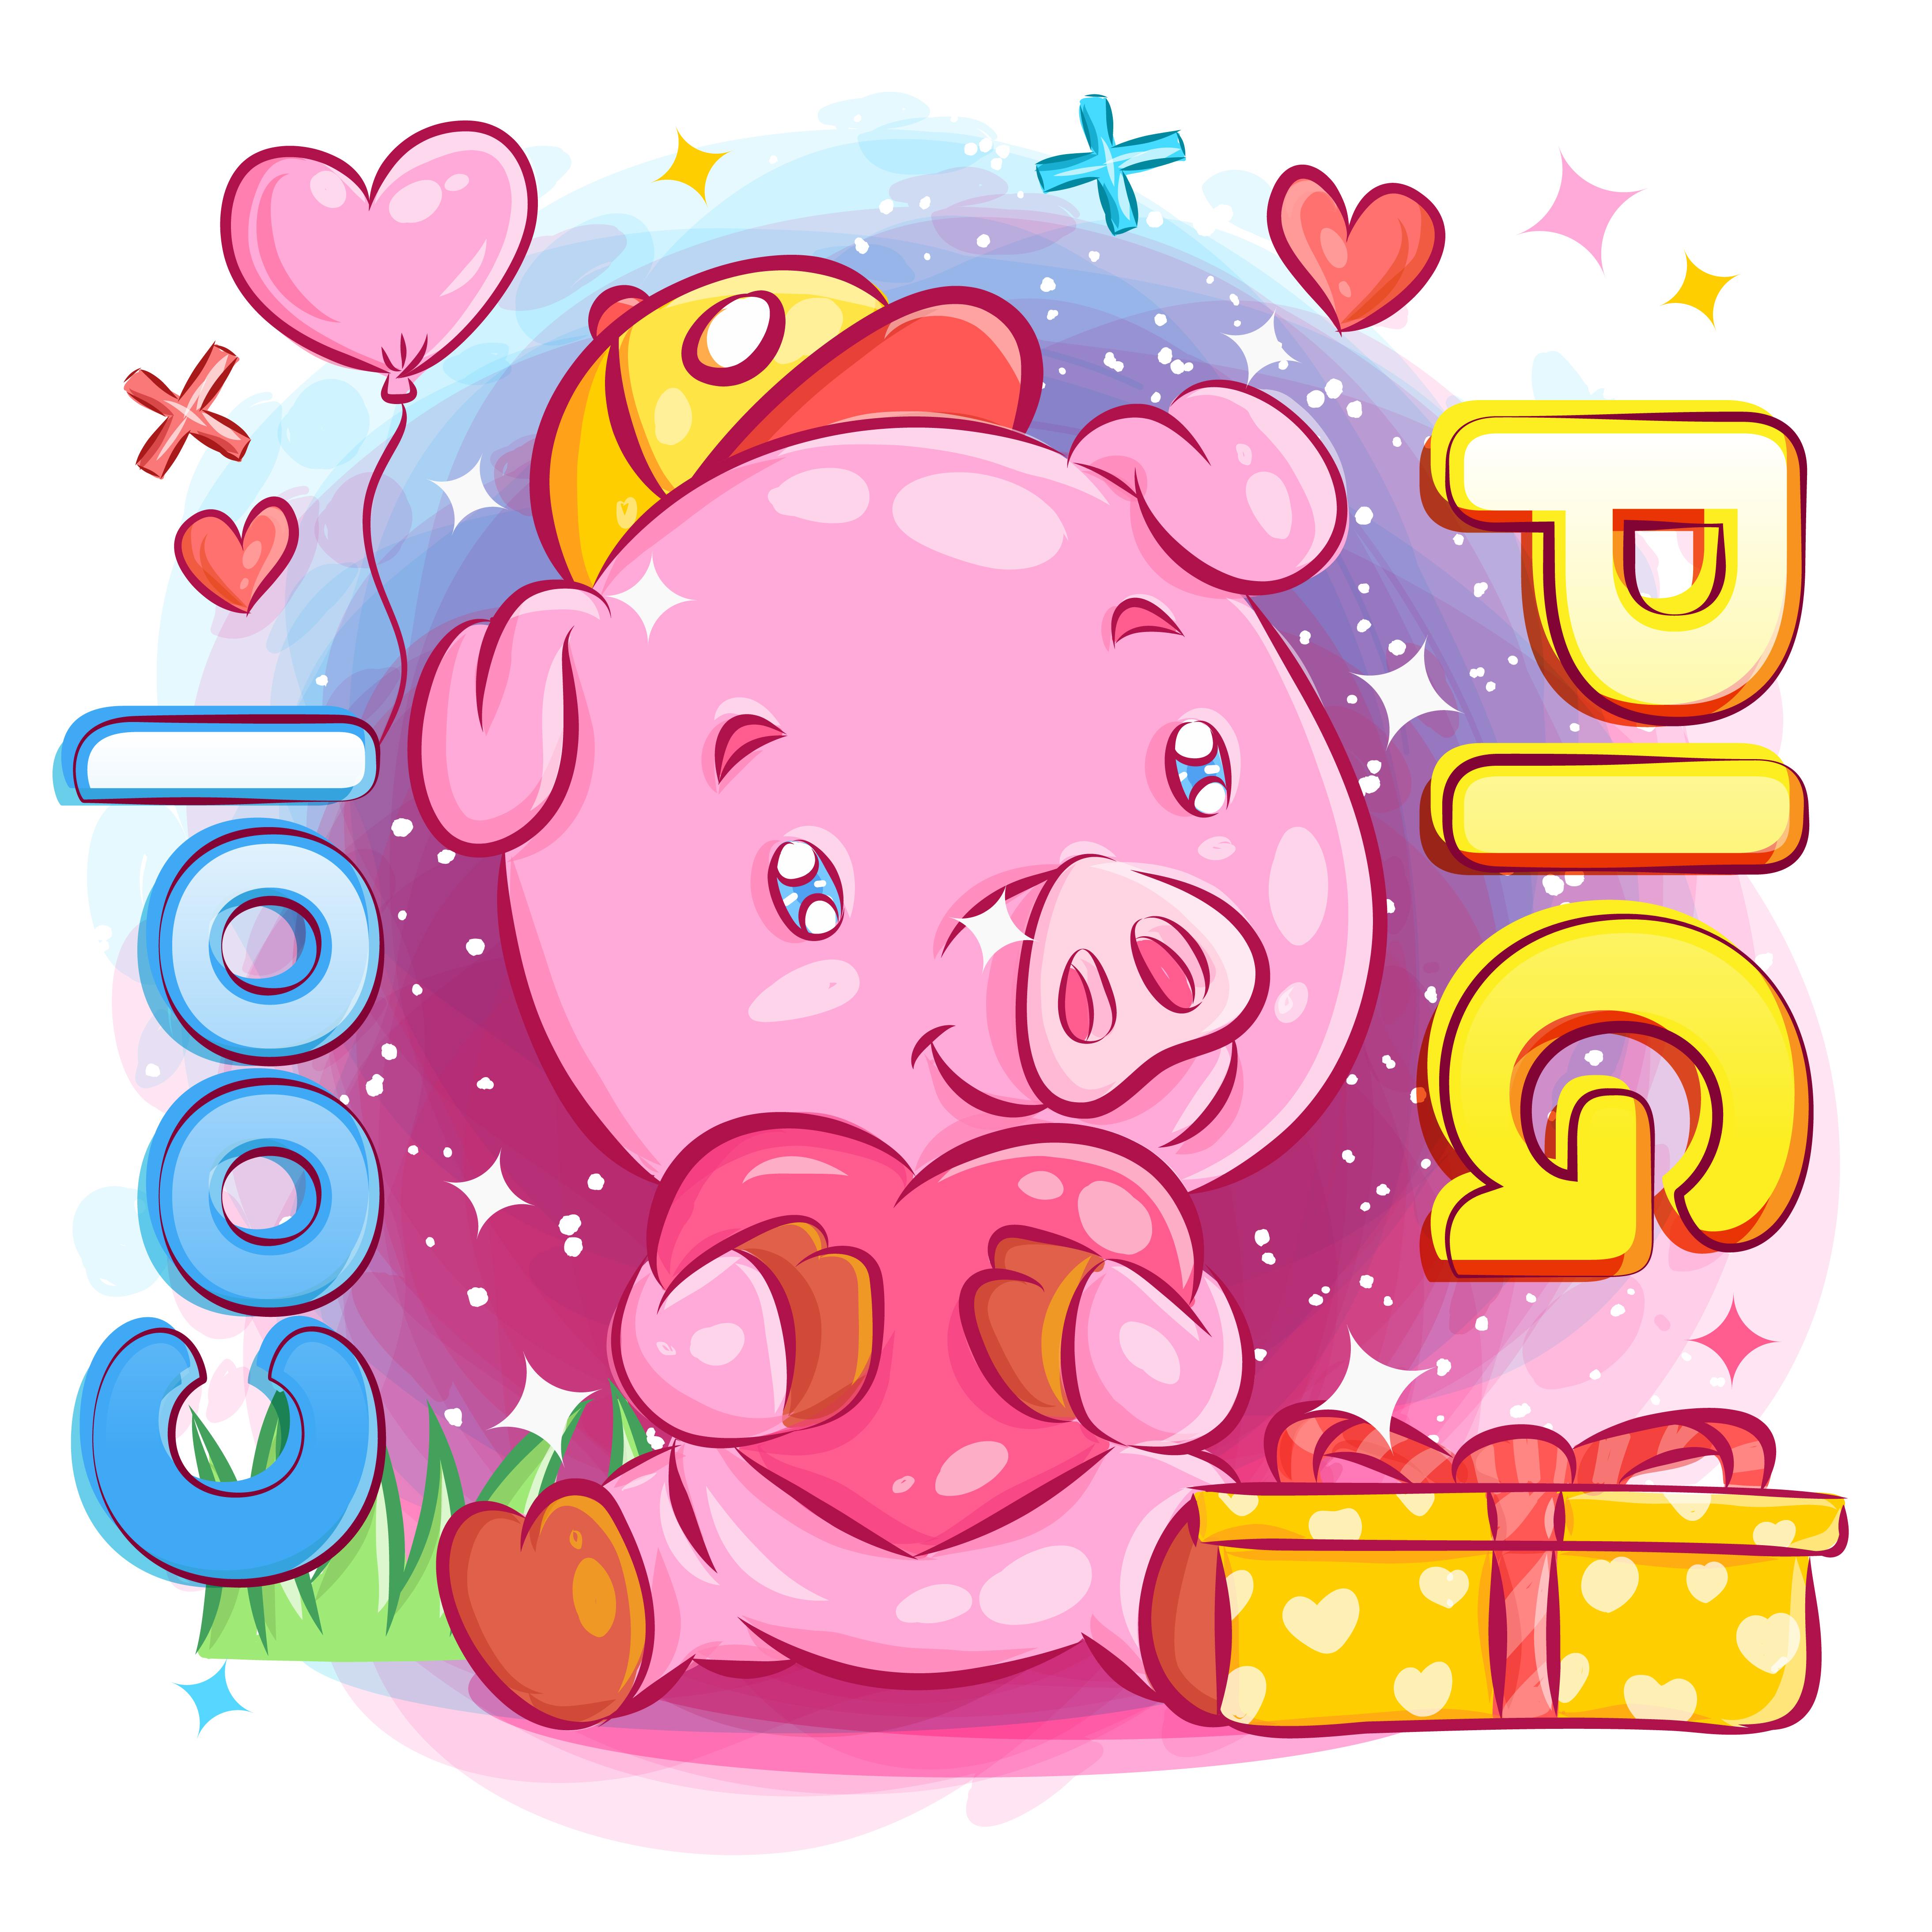 chico genial cerdo sintiéndose enamorado y sosteniendo el corazón